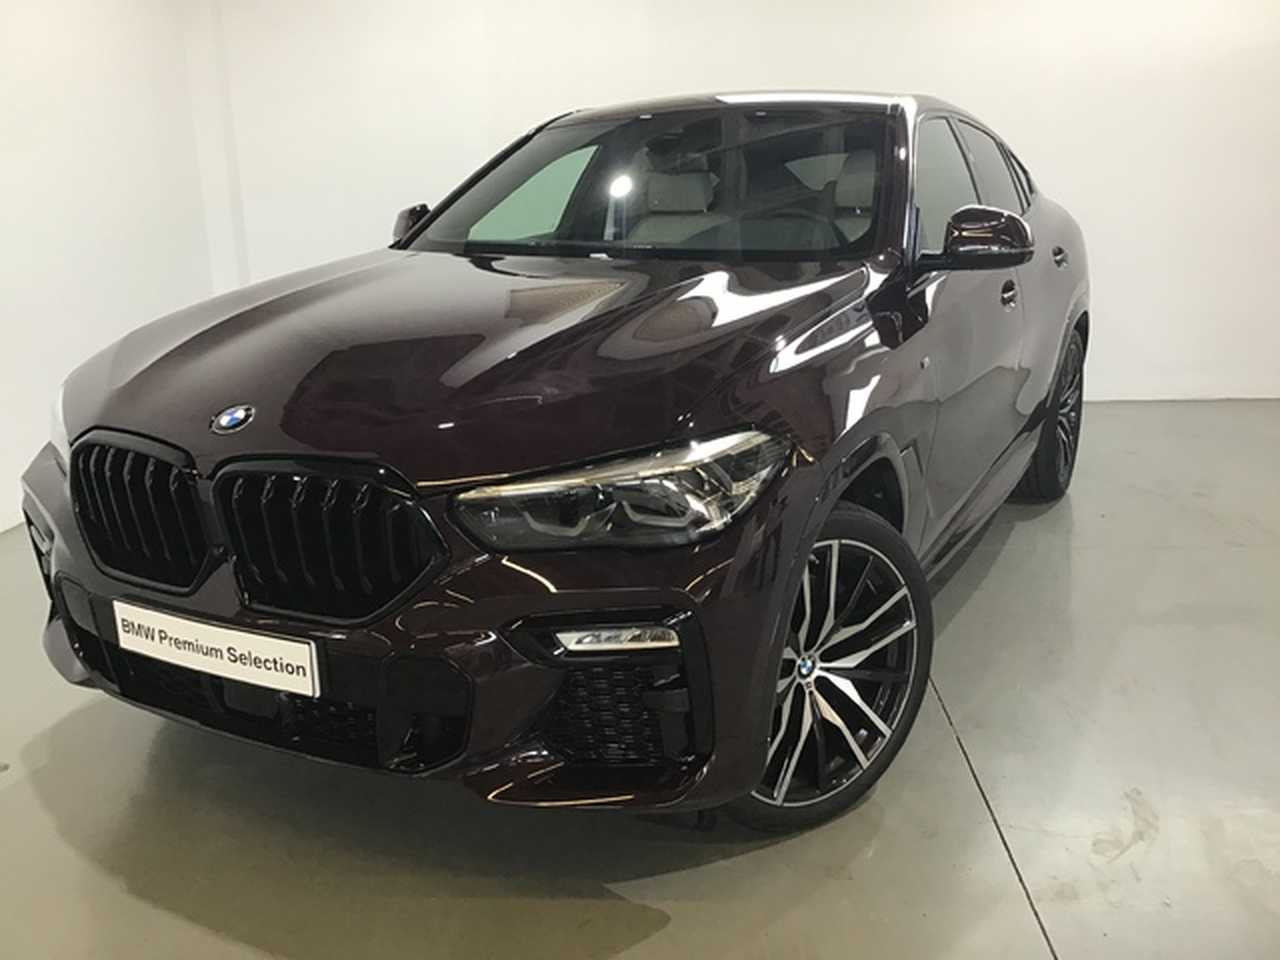 BMW X6 xDrive30d 195 kW (265 CV)  - Foto 1